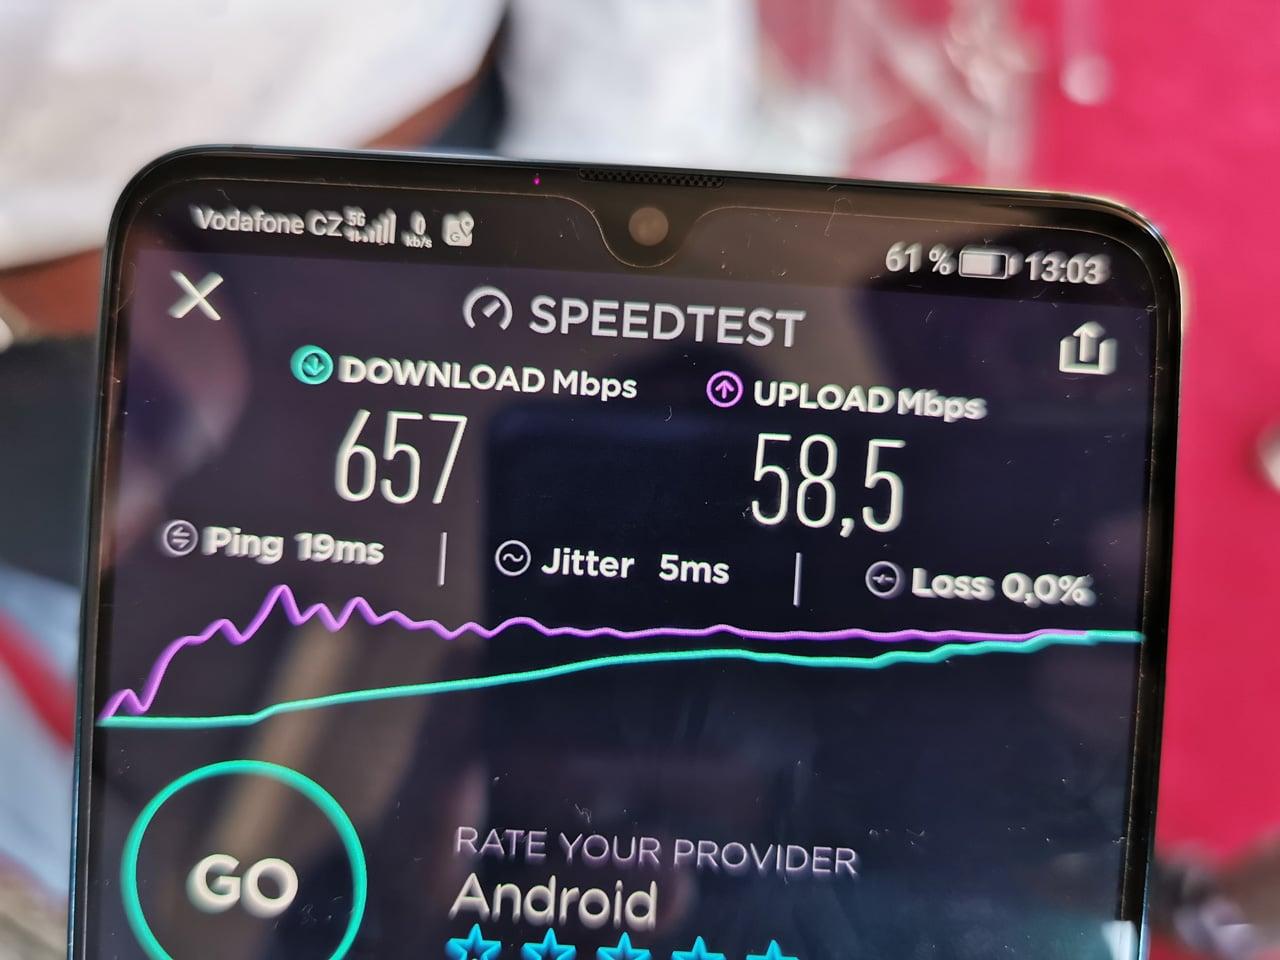 Vodafone a testy 5G sítě na 3,7 GHz v Karlových Varech